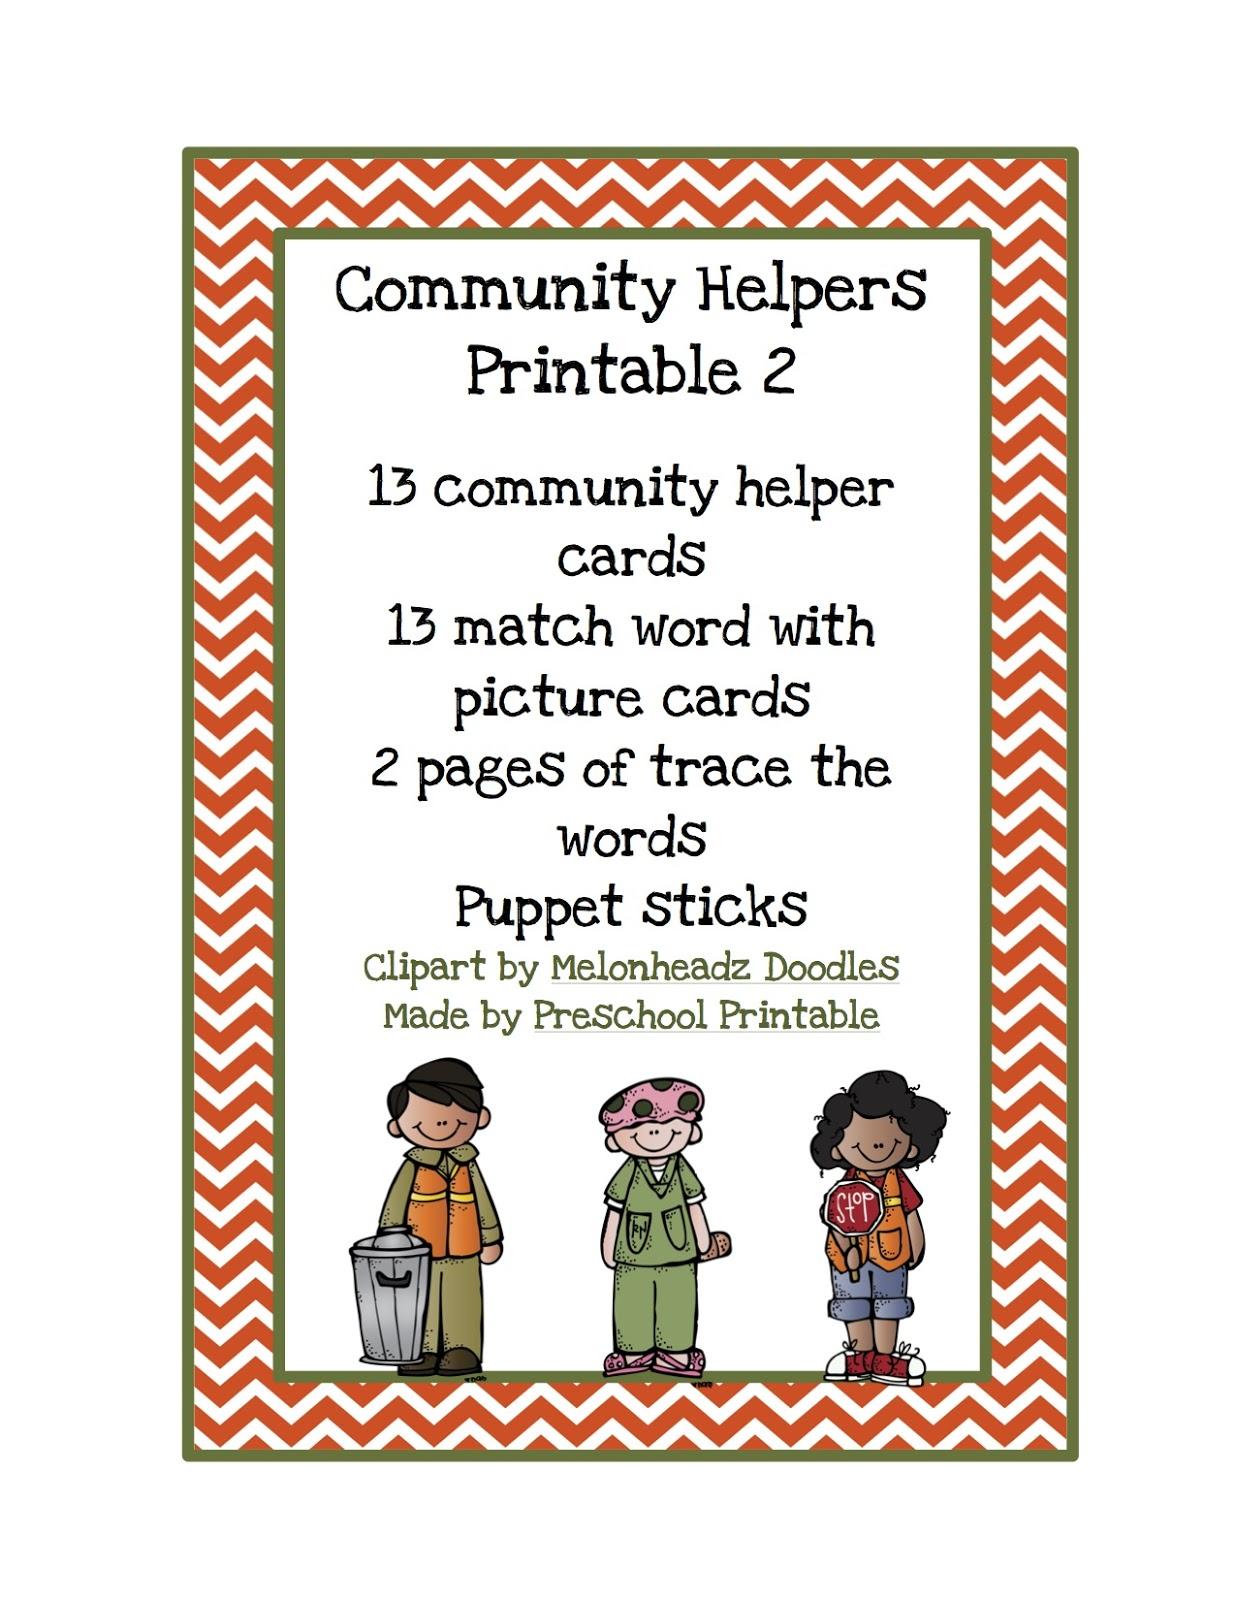 Community Helpers Printable 2 Preschool Printables